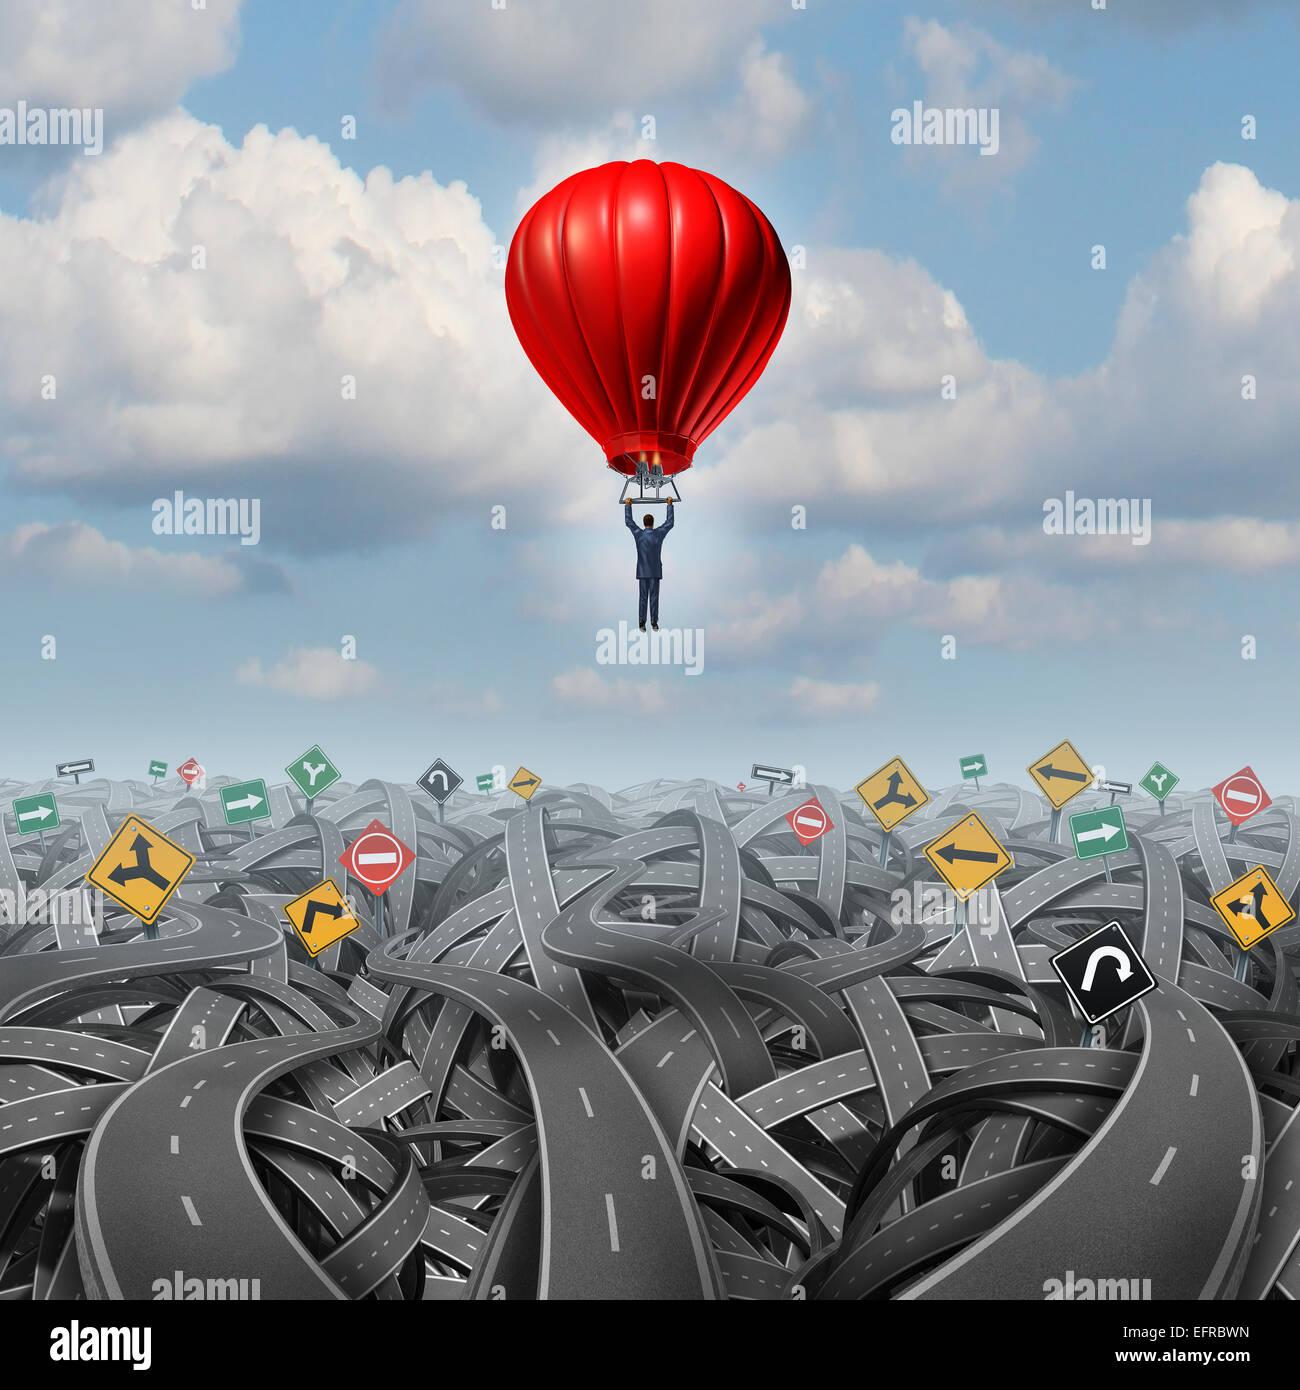 Facile strada salire al di sopra di confusione il concetto di leadership con un imprenditore in un palloncino volare Immagini Stock